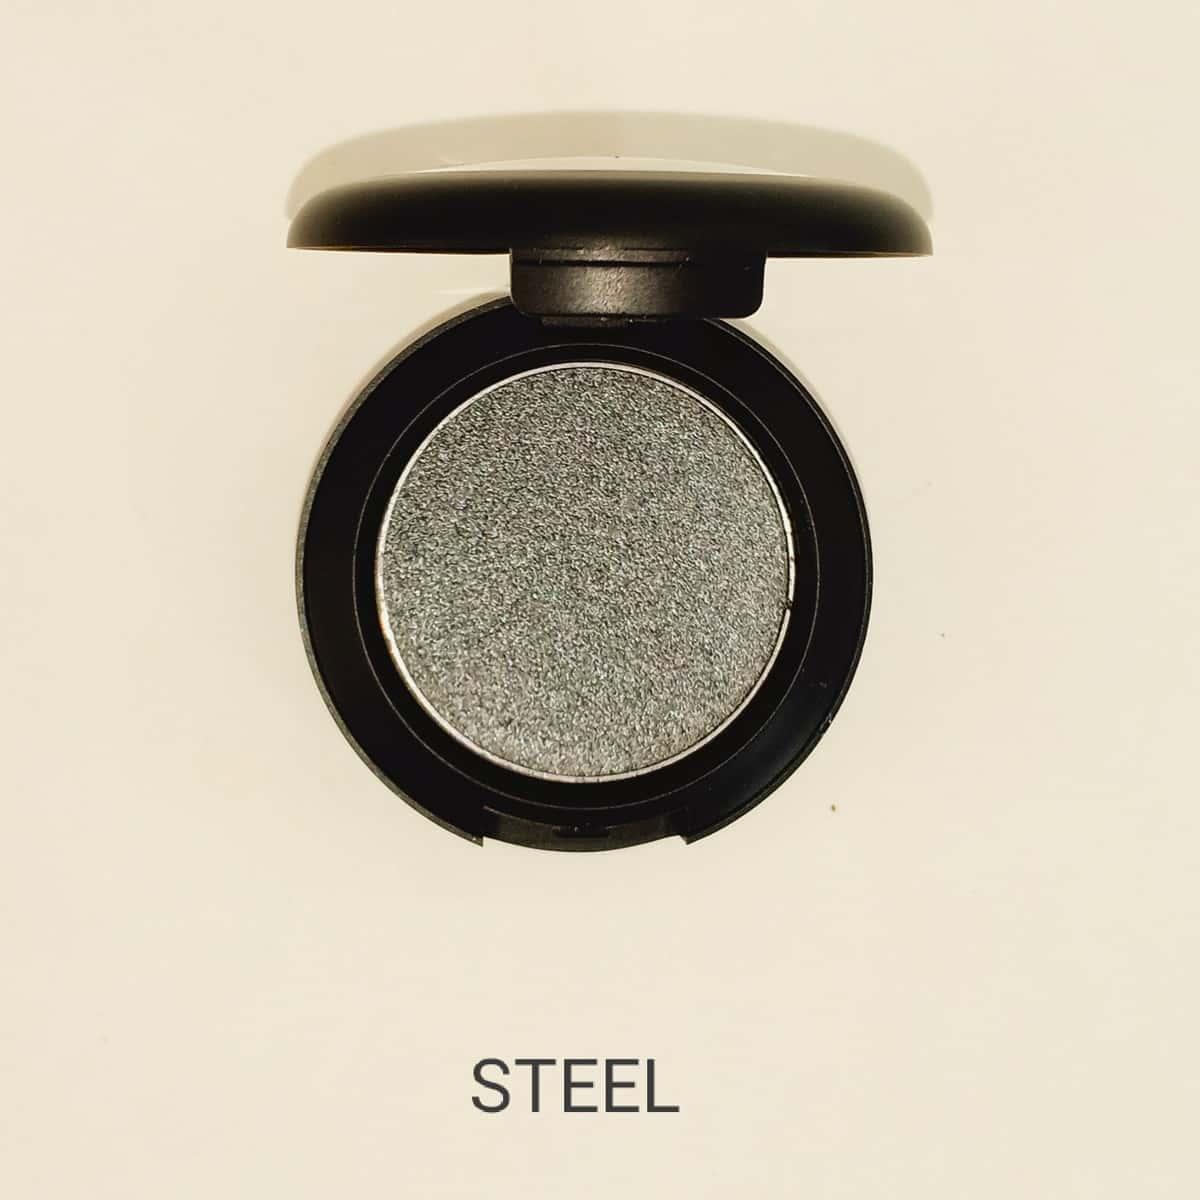 Steel-min